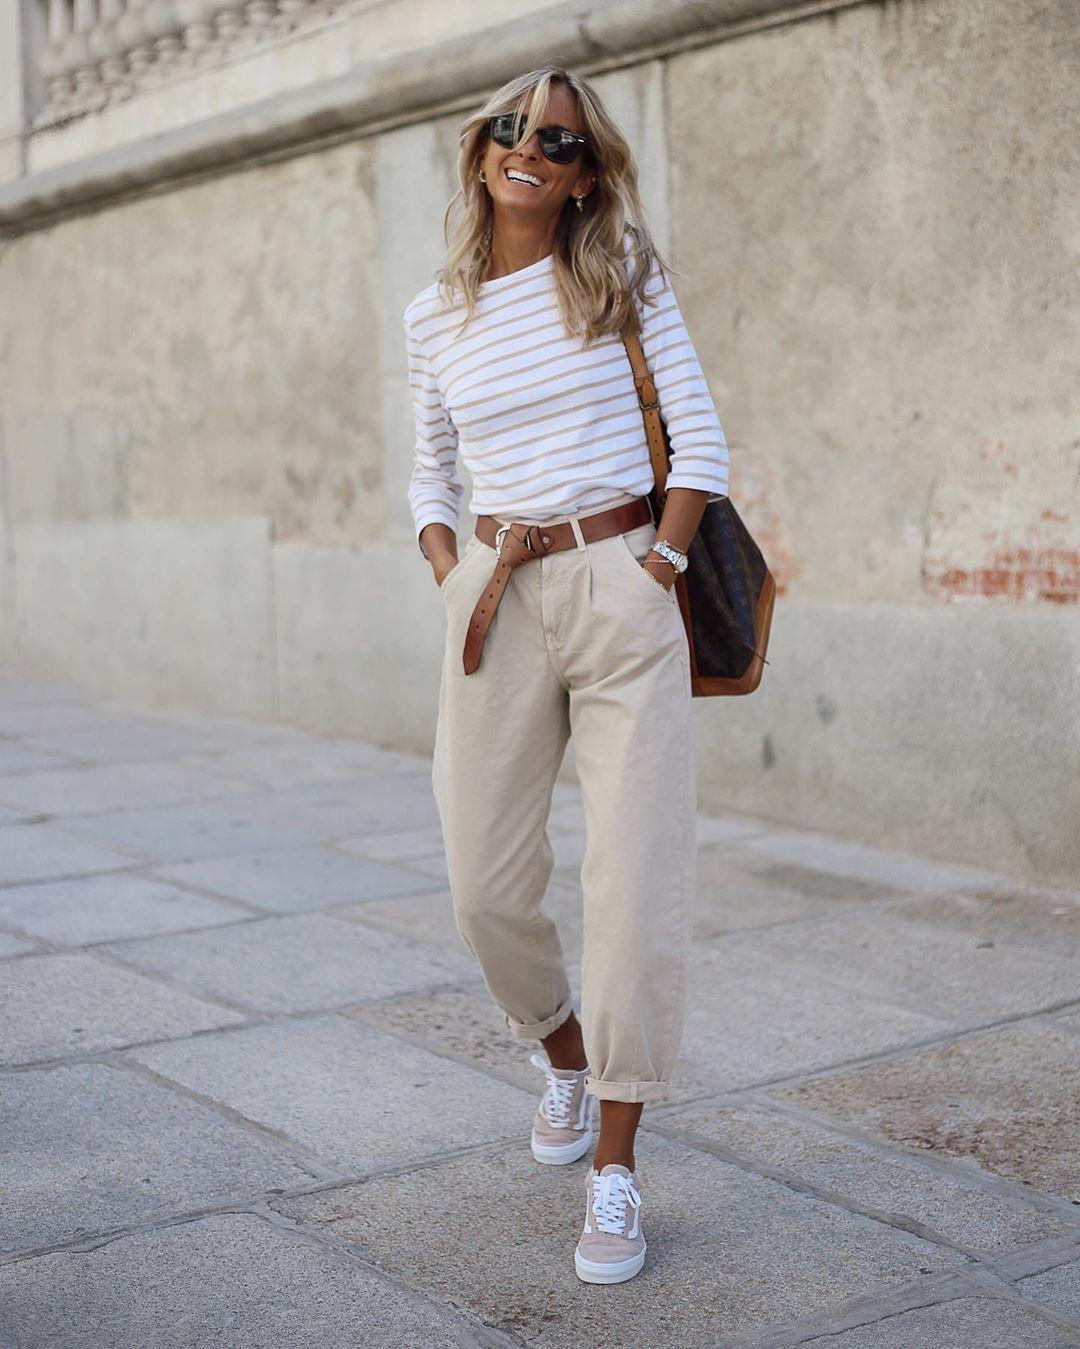 Look pantalon slouchy invierno, street fashion, trench coat, t shirt